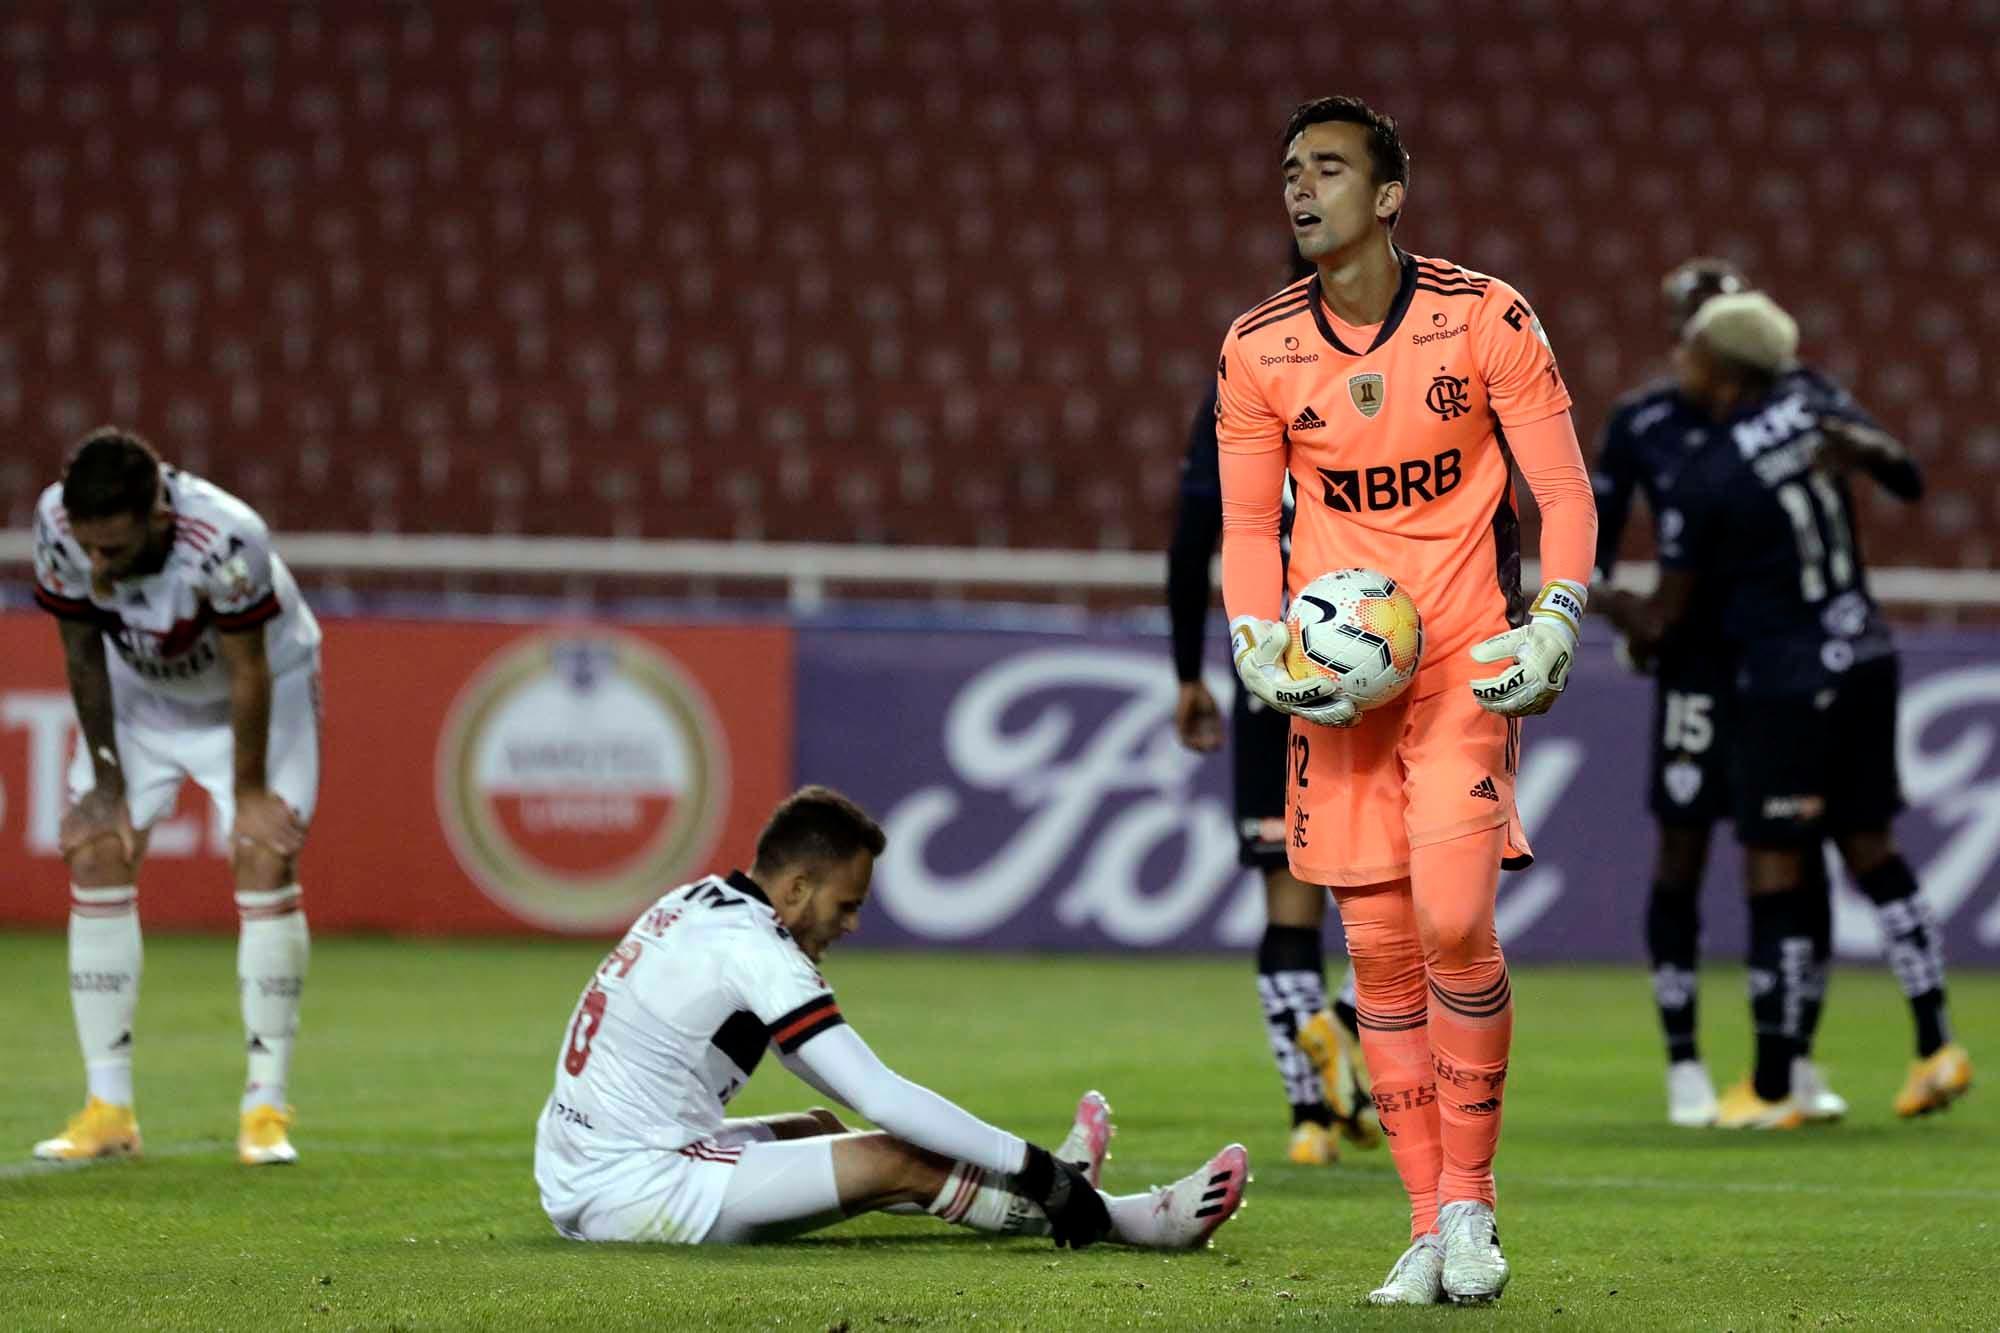 Lo que dejo el 5-0 de IDV sobre Flamengo: la frase del DT del Mengão tras  una caída con récords – Rio Negro al día